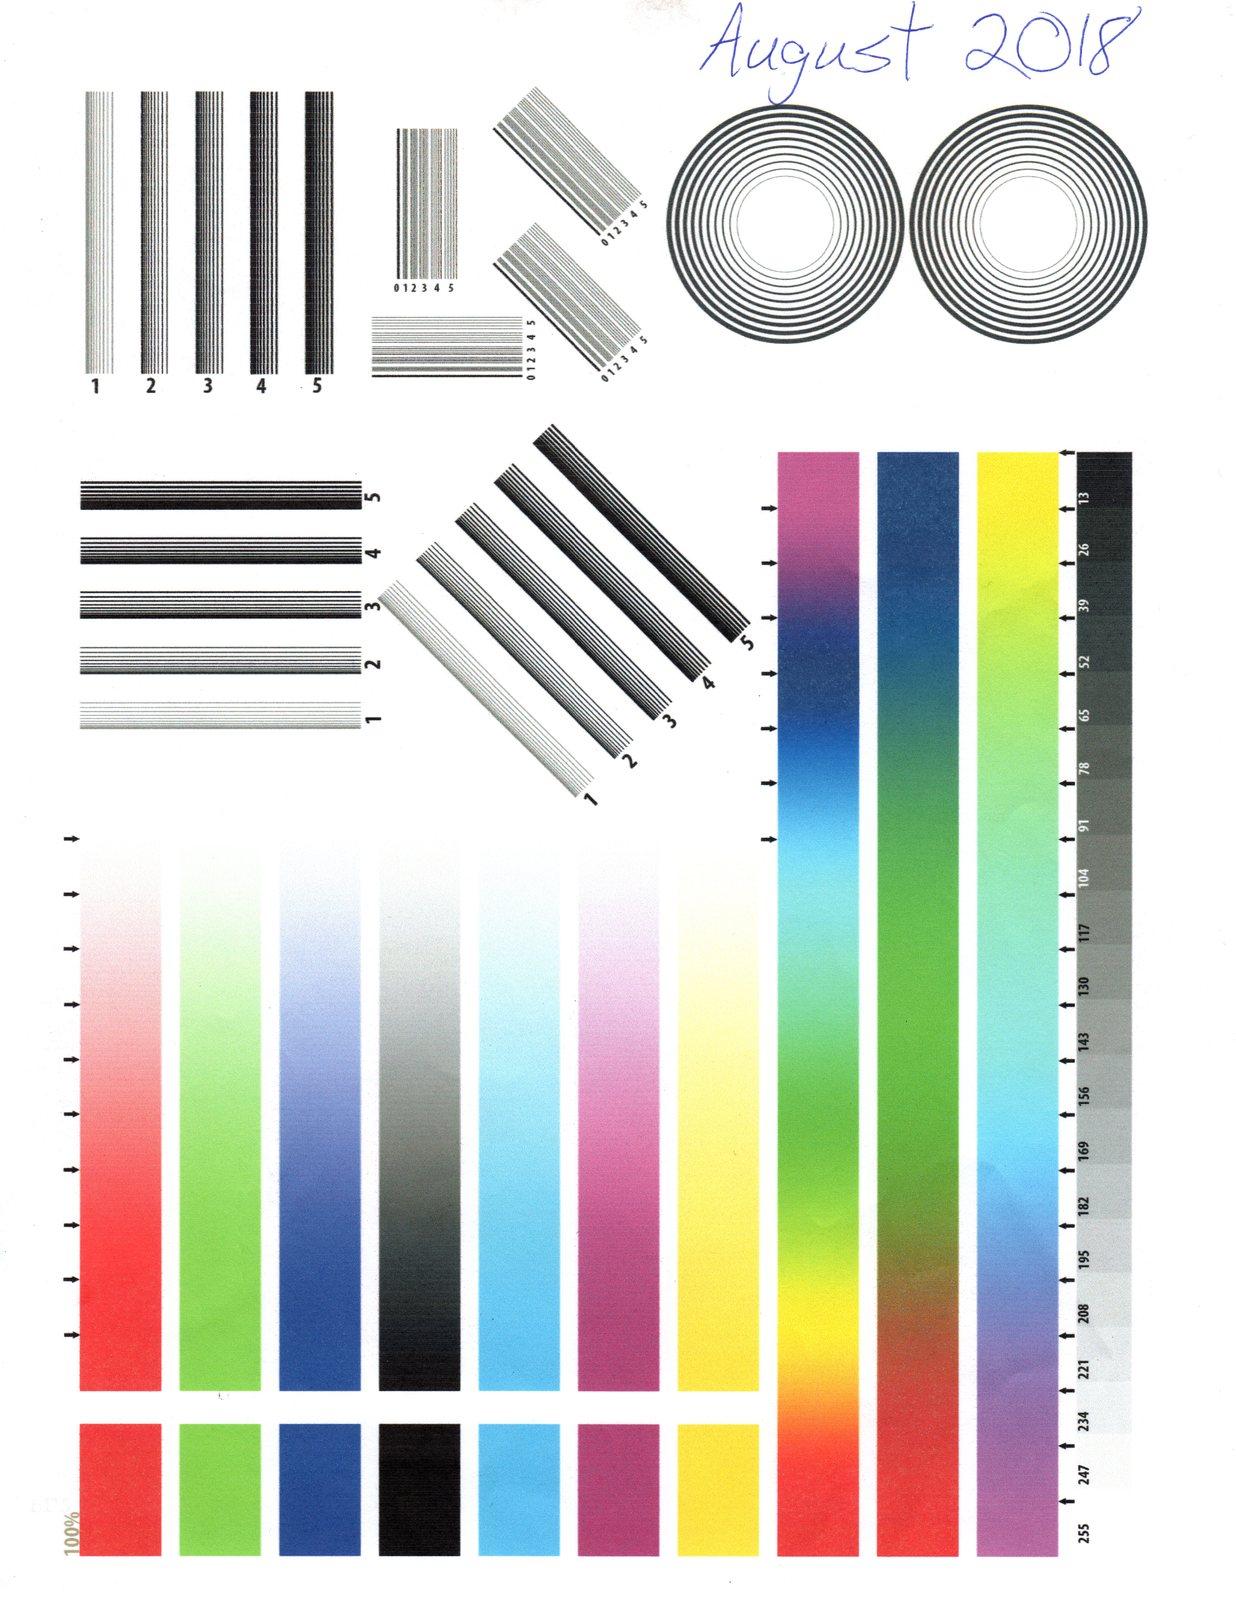 Epson Artisan 835 Wireless All-In-One Inkjet Printer, Copier, Scanner, Fax Bin:2